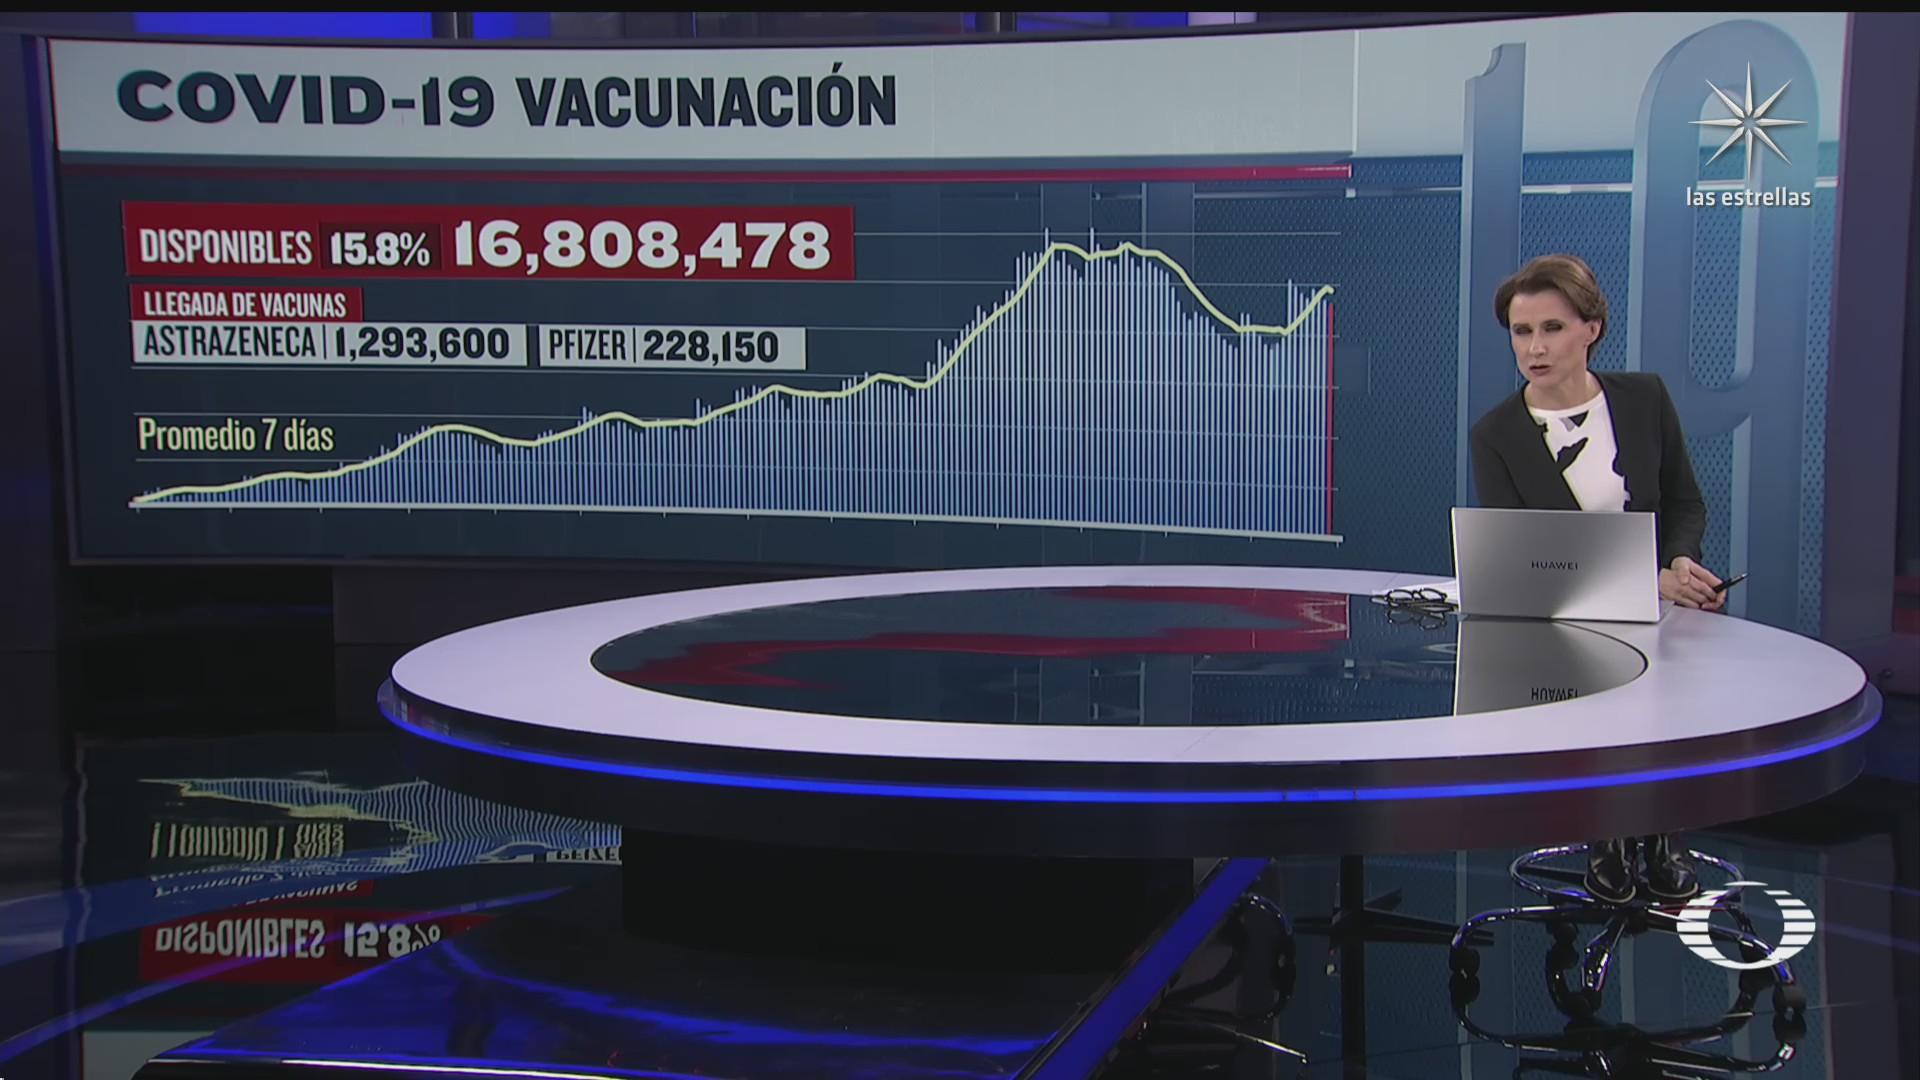 mexico tiene mas de 16 millones de vacunas contra covid disponibles